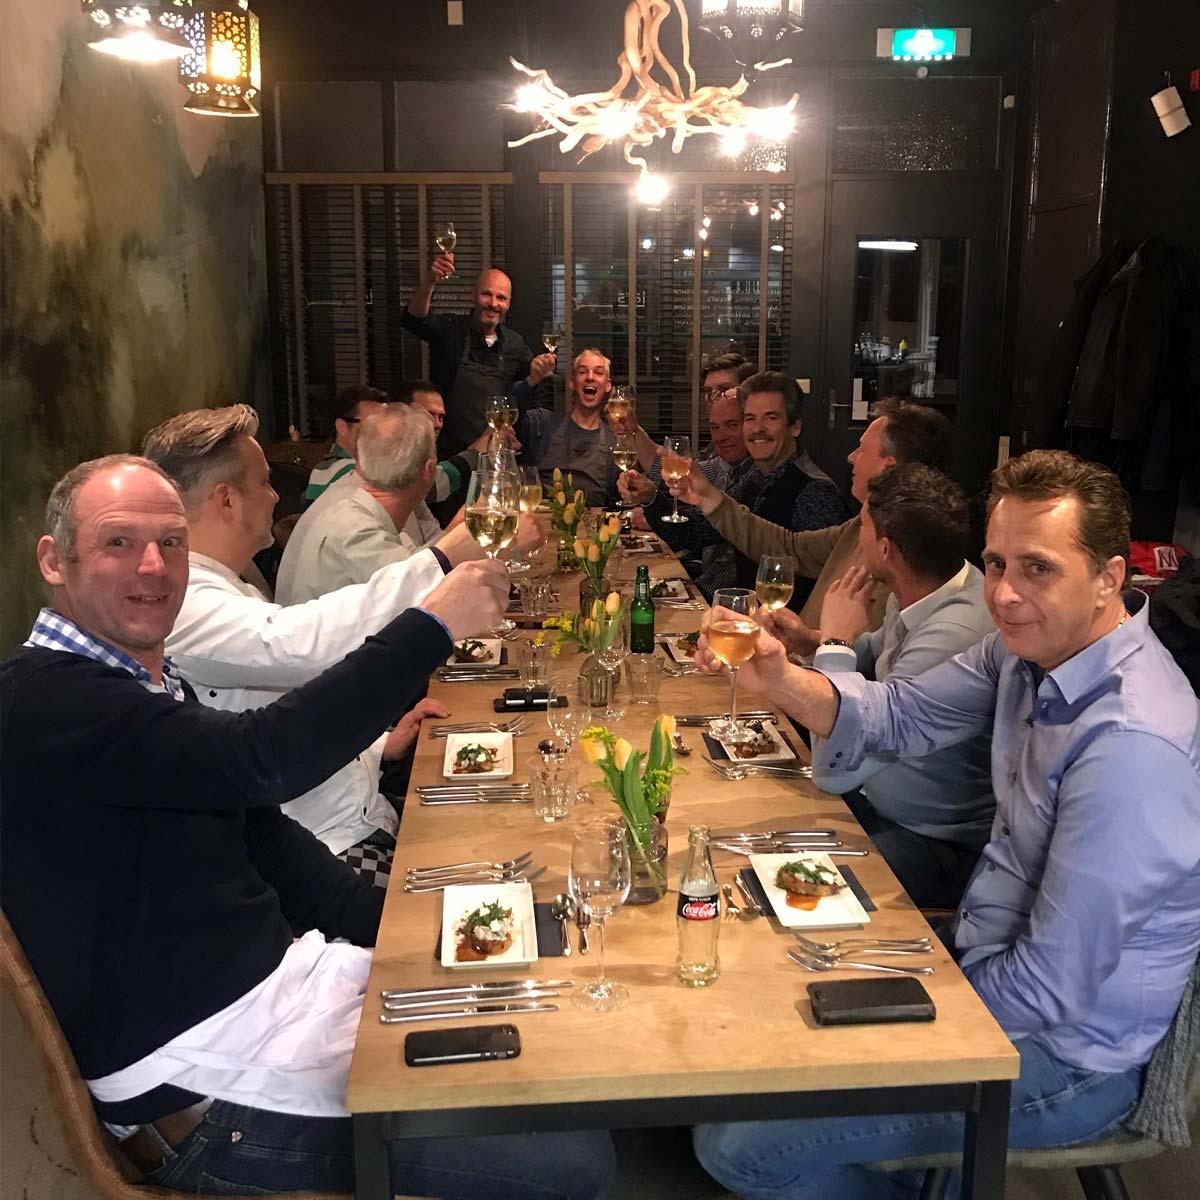 een restaurant zonder andere gasten